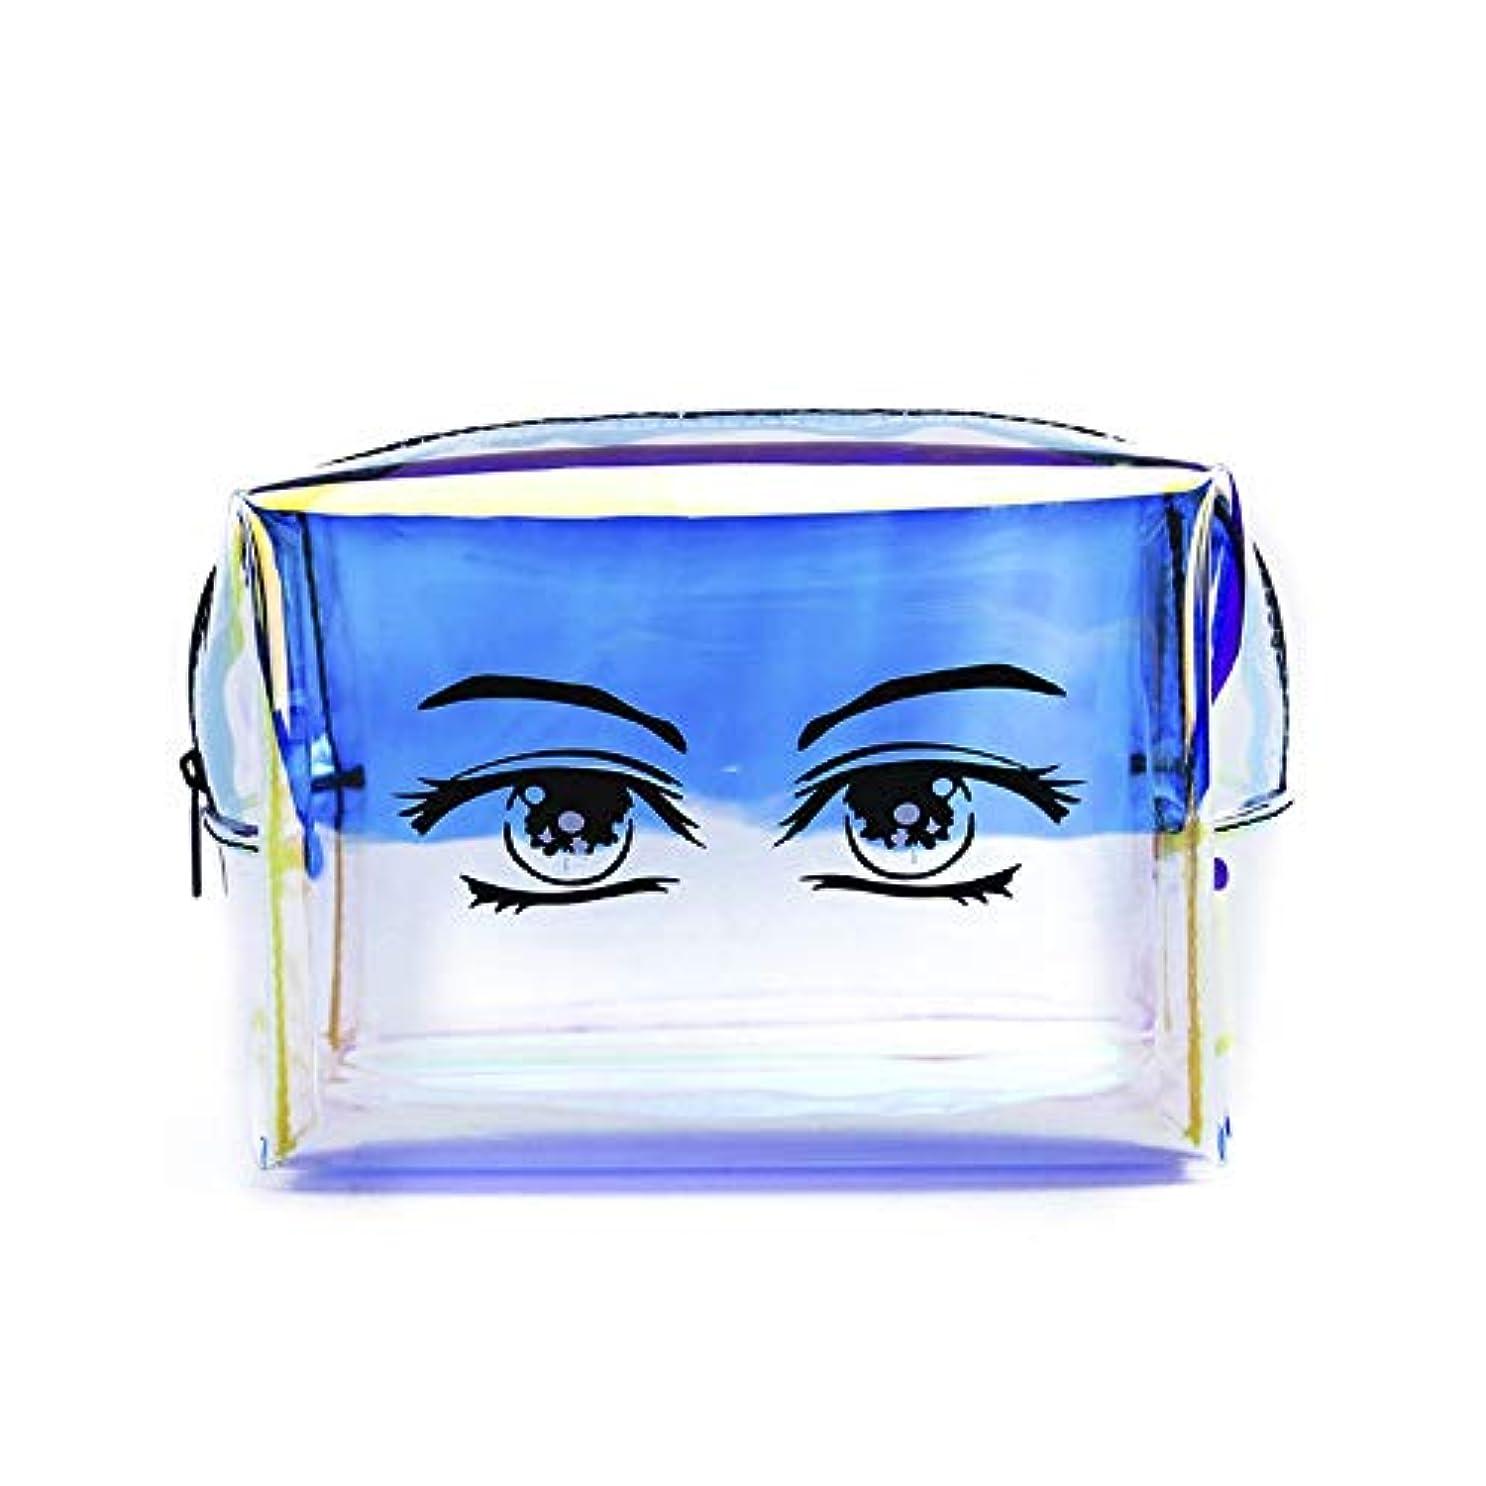 迷彩選ぶチャーター化粧オーガナイザーバッグ 化粧品の化粧ブラシのためのレーザーの携帯用ジッパーの収納袋専門旅行構造袋旅行付属品の大容量の防水洗浄袋 化粧品ケース (色 : Laser, サイズ : 18x9.5x12cm)